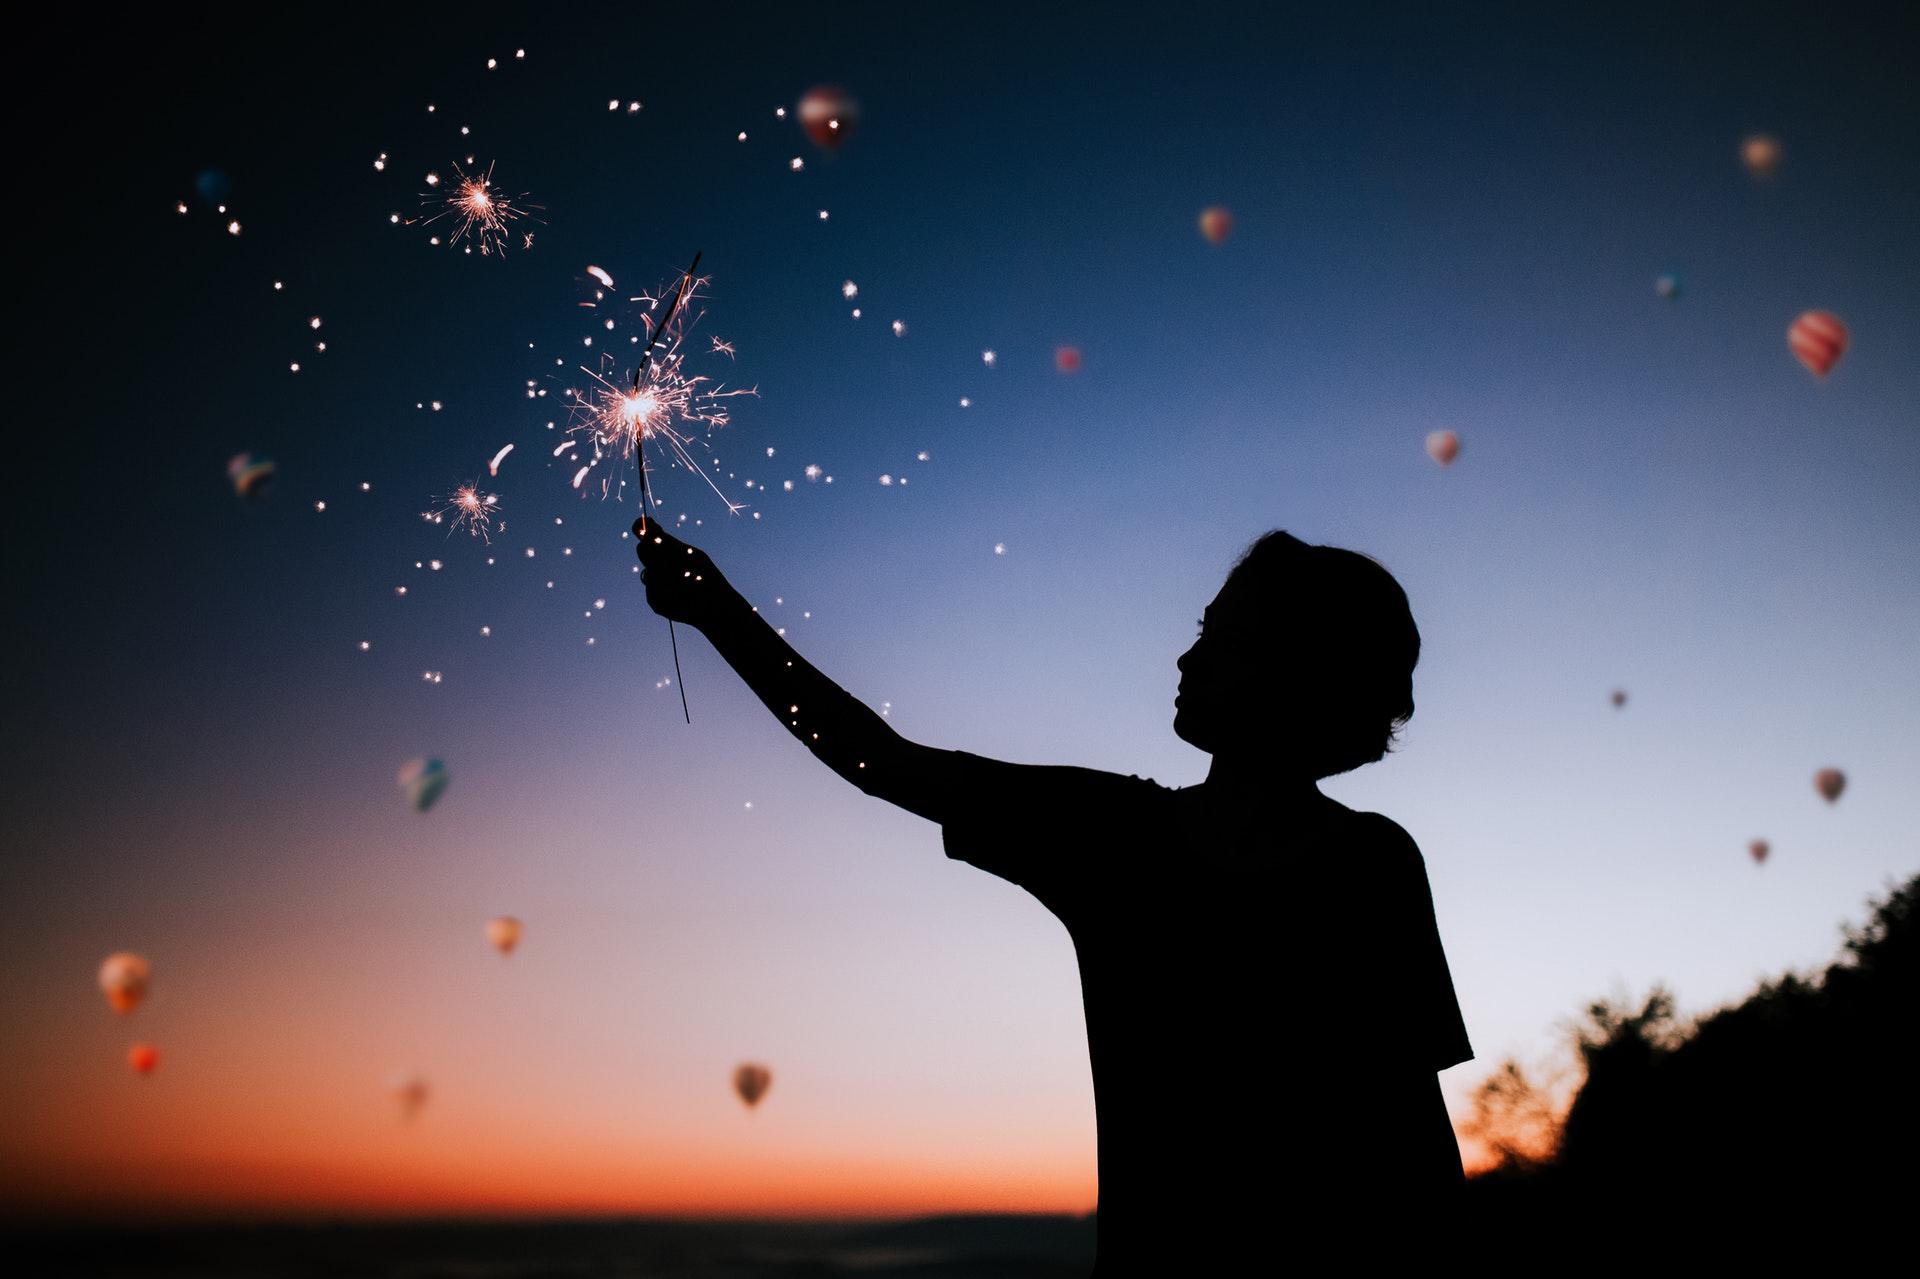 marc-miro-transformacion--liderazgo-desarrollo-personal-coaching-metas-exito-blog-124